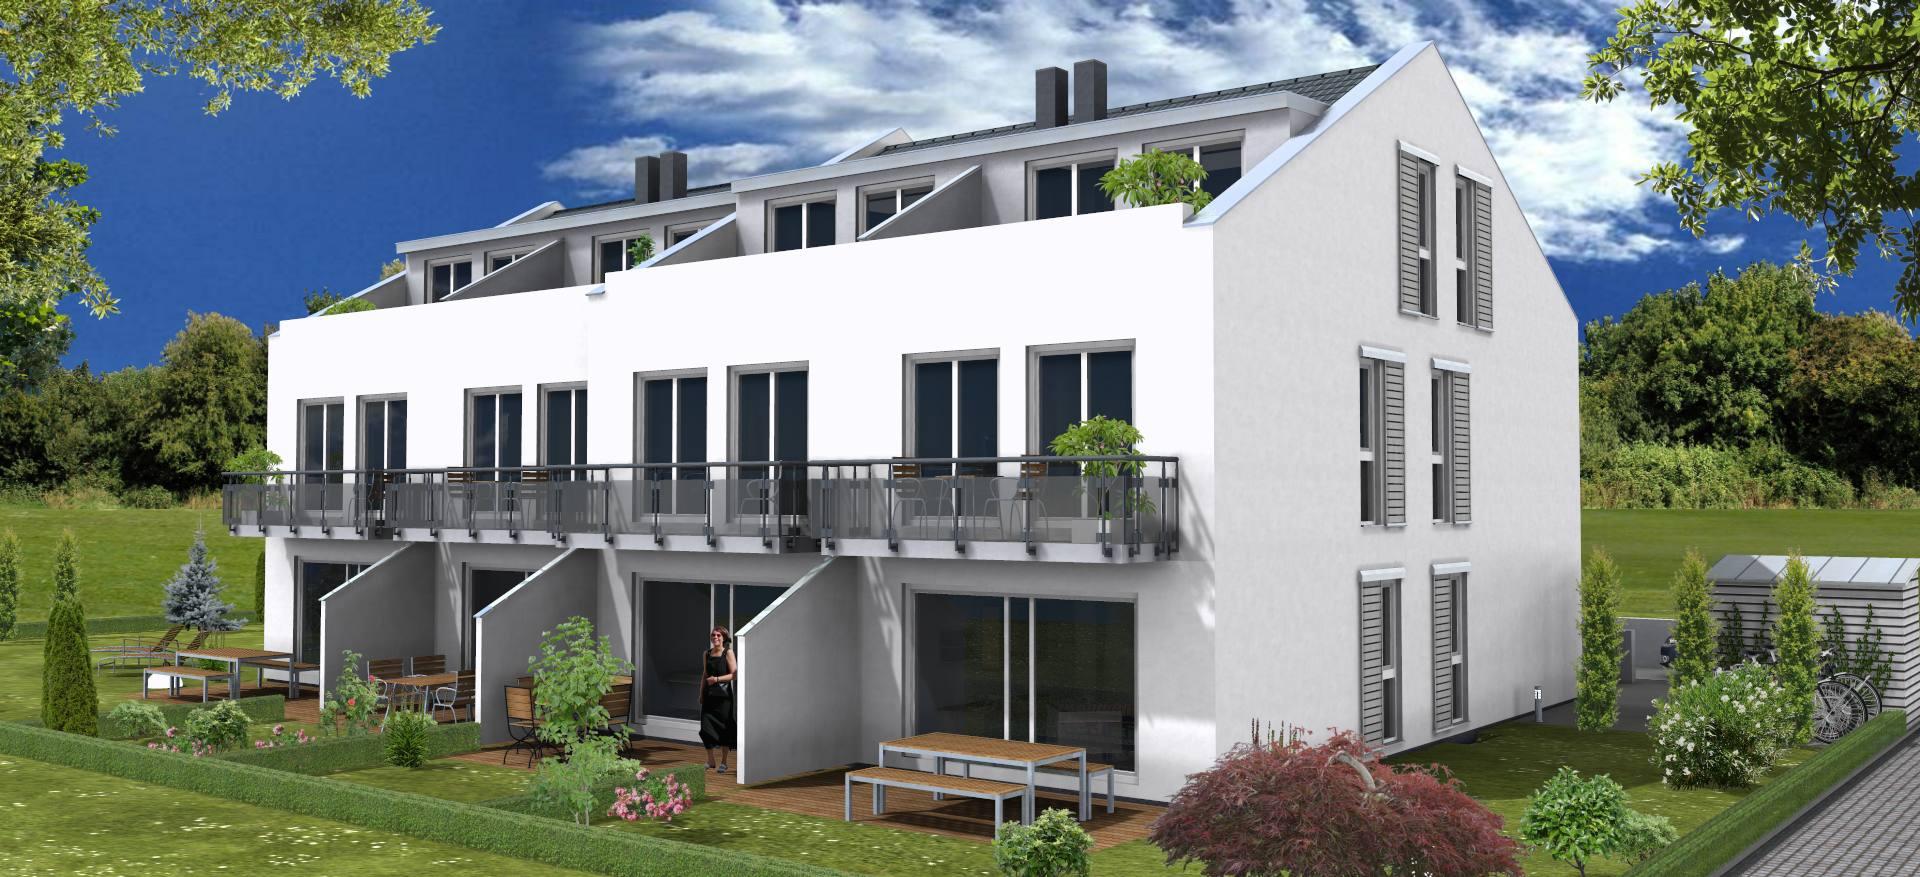 Gartenseite mit Terrasse, Balkon und Dachterrasse Südansicht